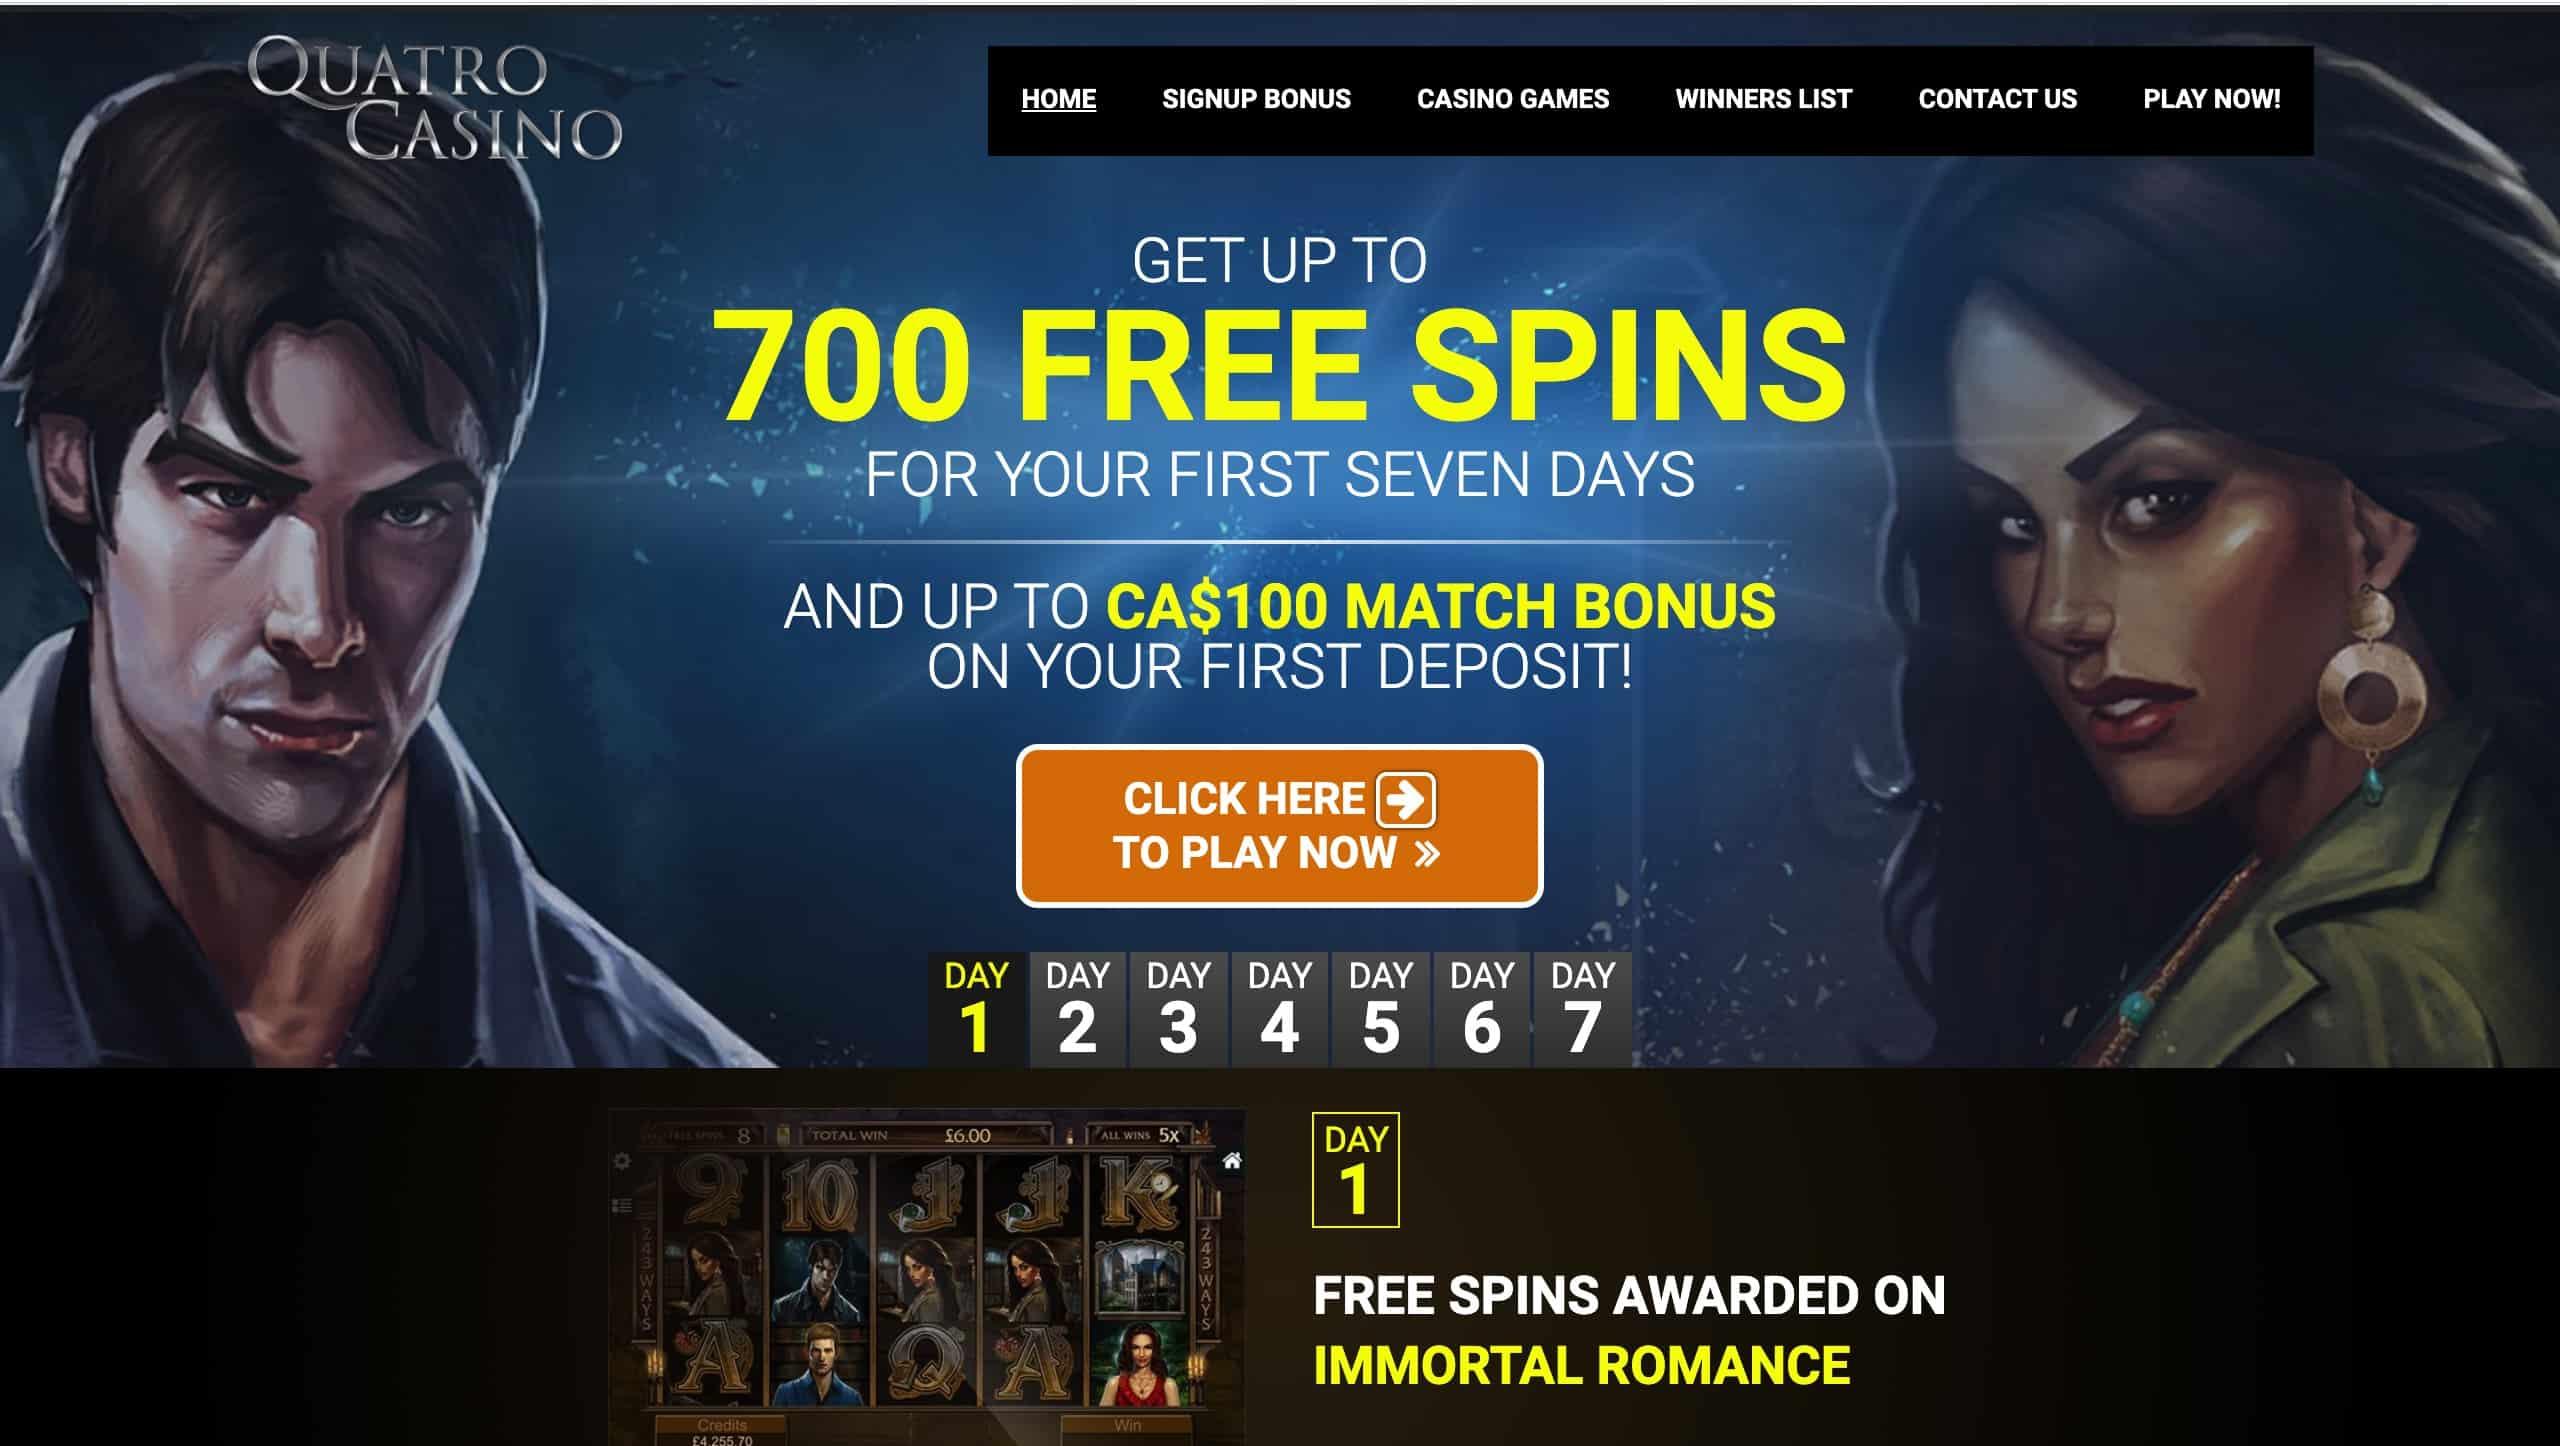 Quatro Casino Receive 700 Free Spins 100 Match Bonus